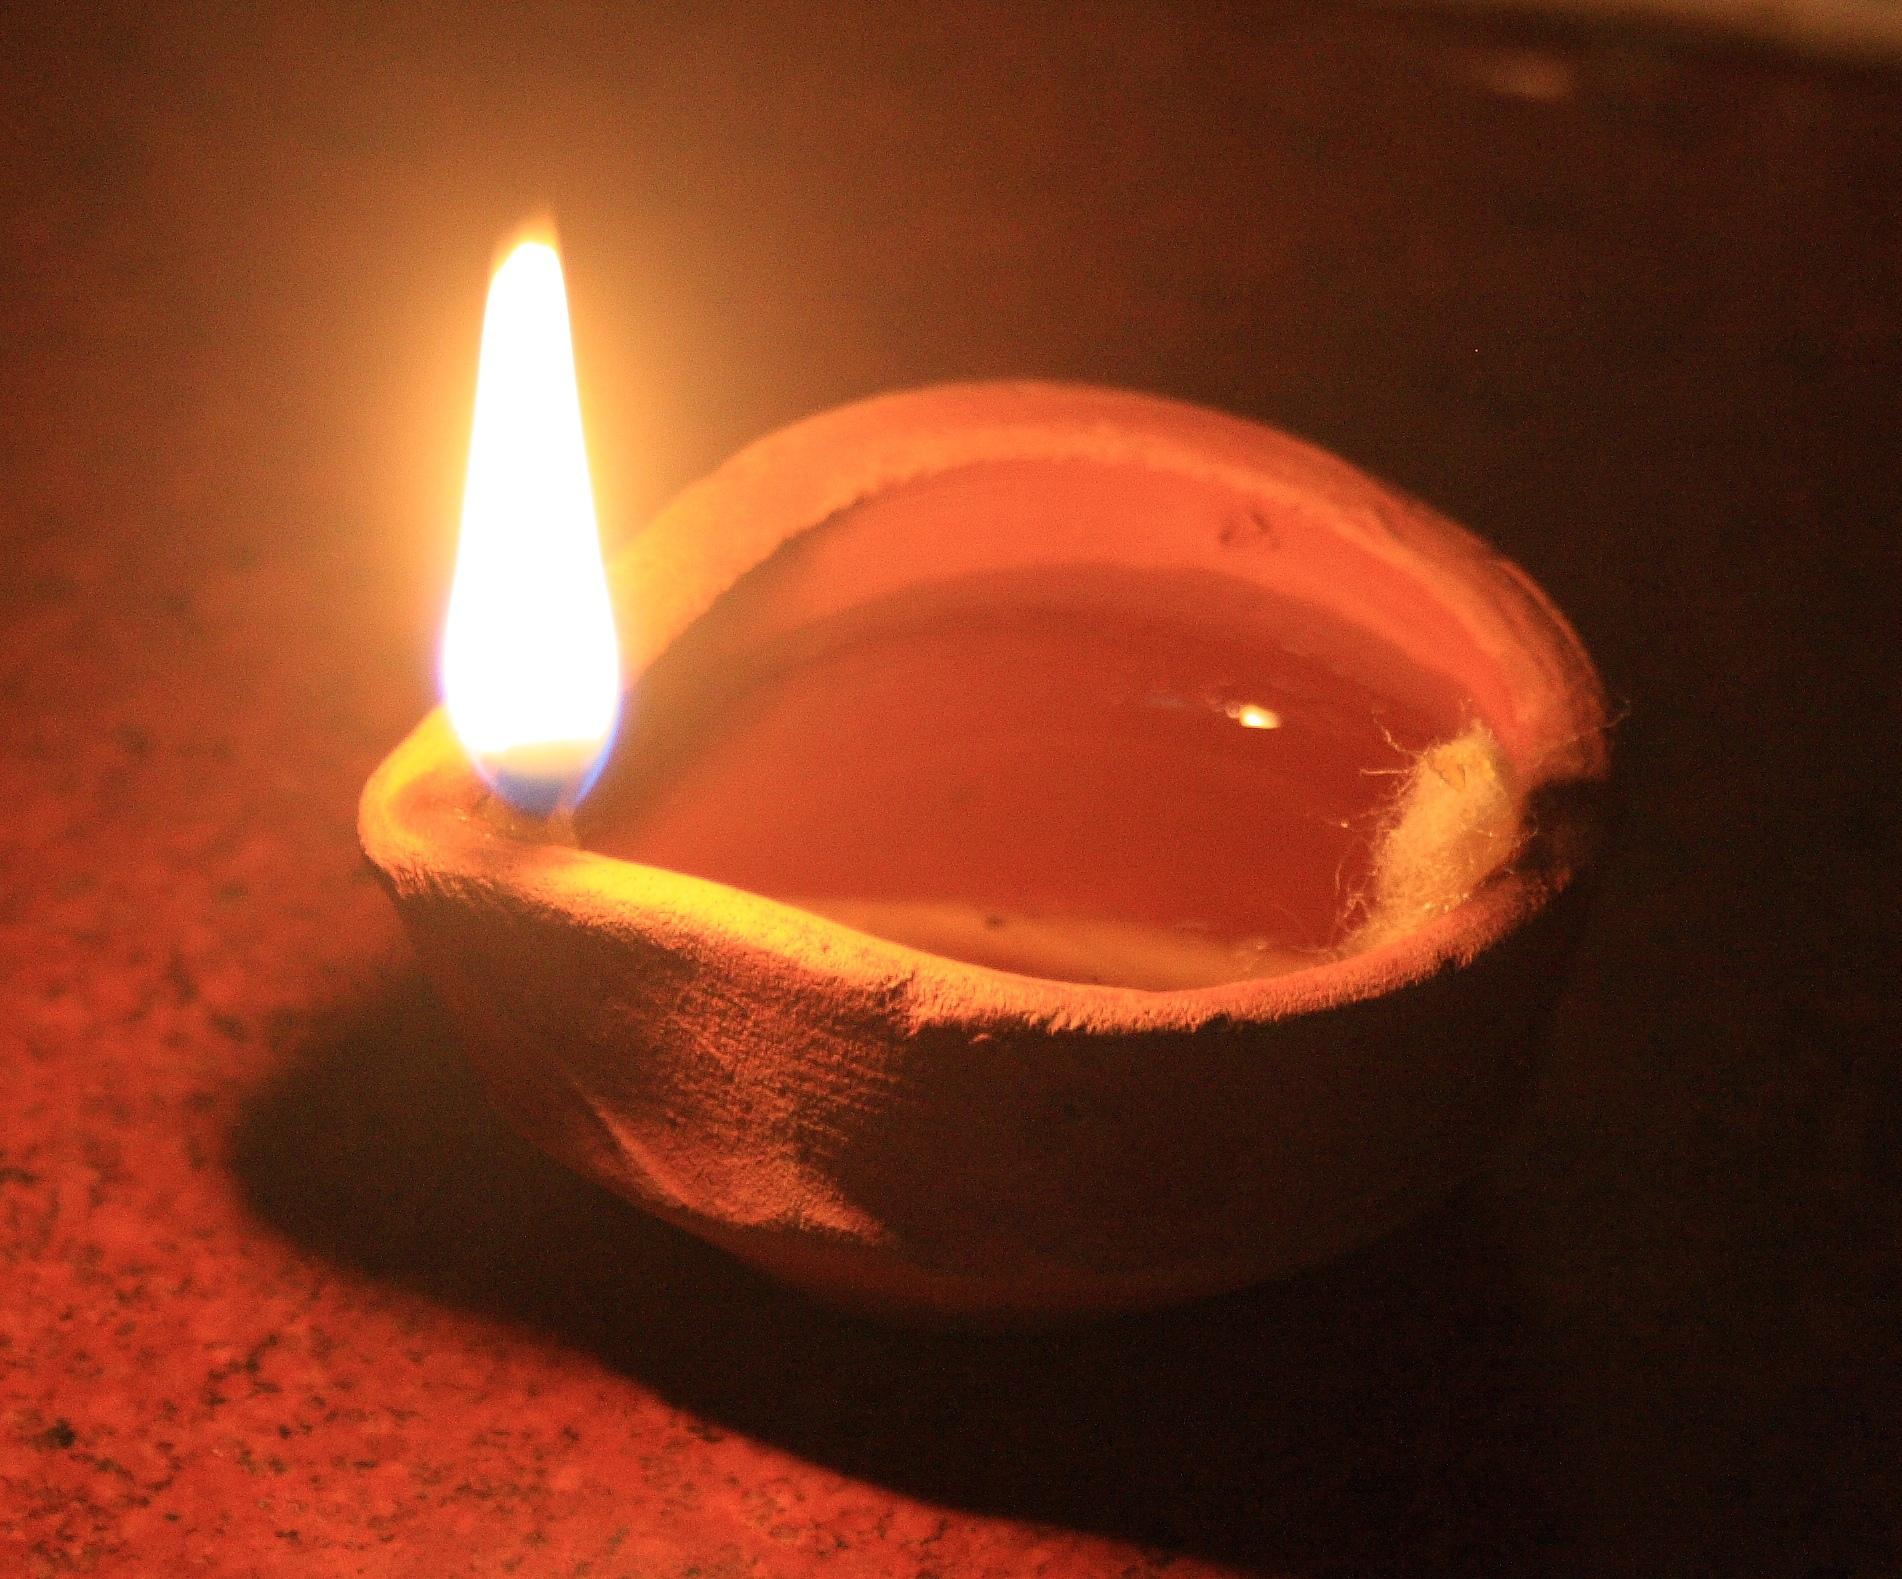 Lampe à huile © wikipedia